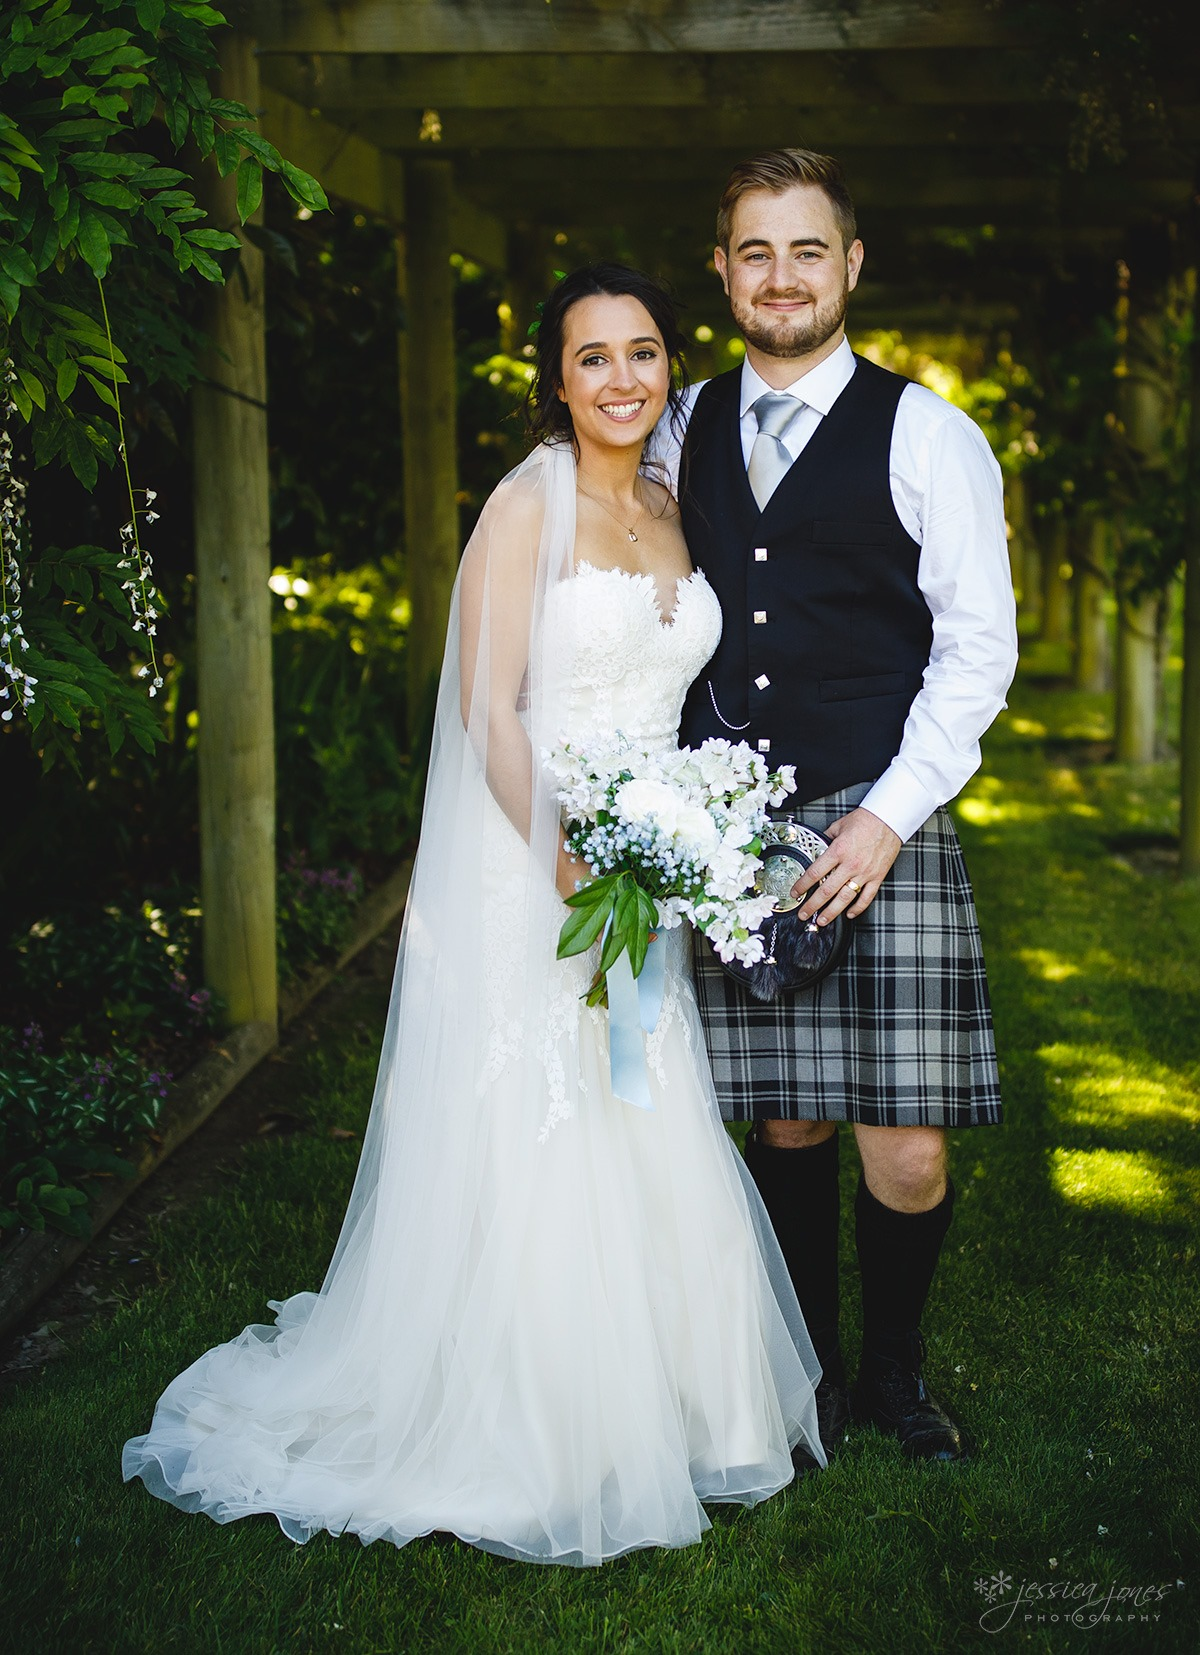 Marlborough_Garden_Wedding-064